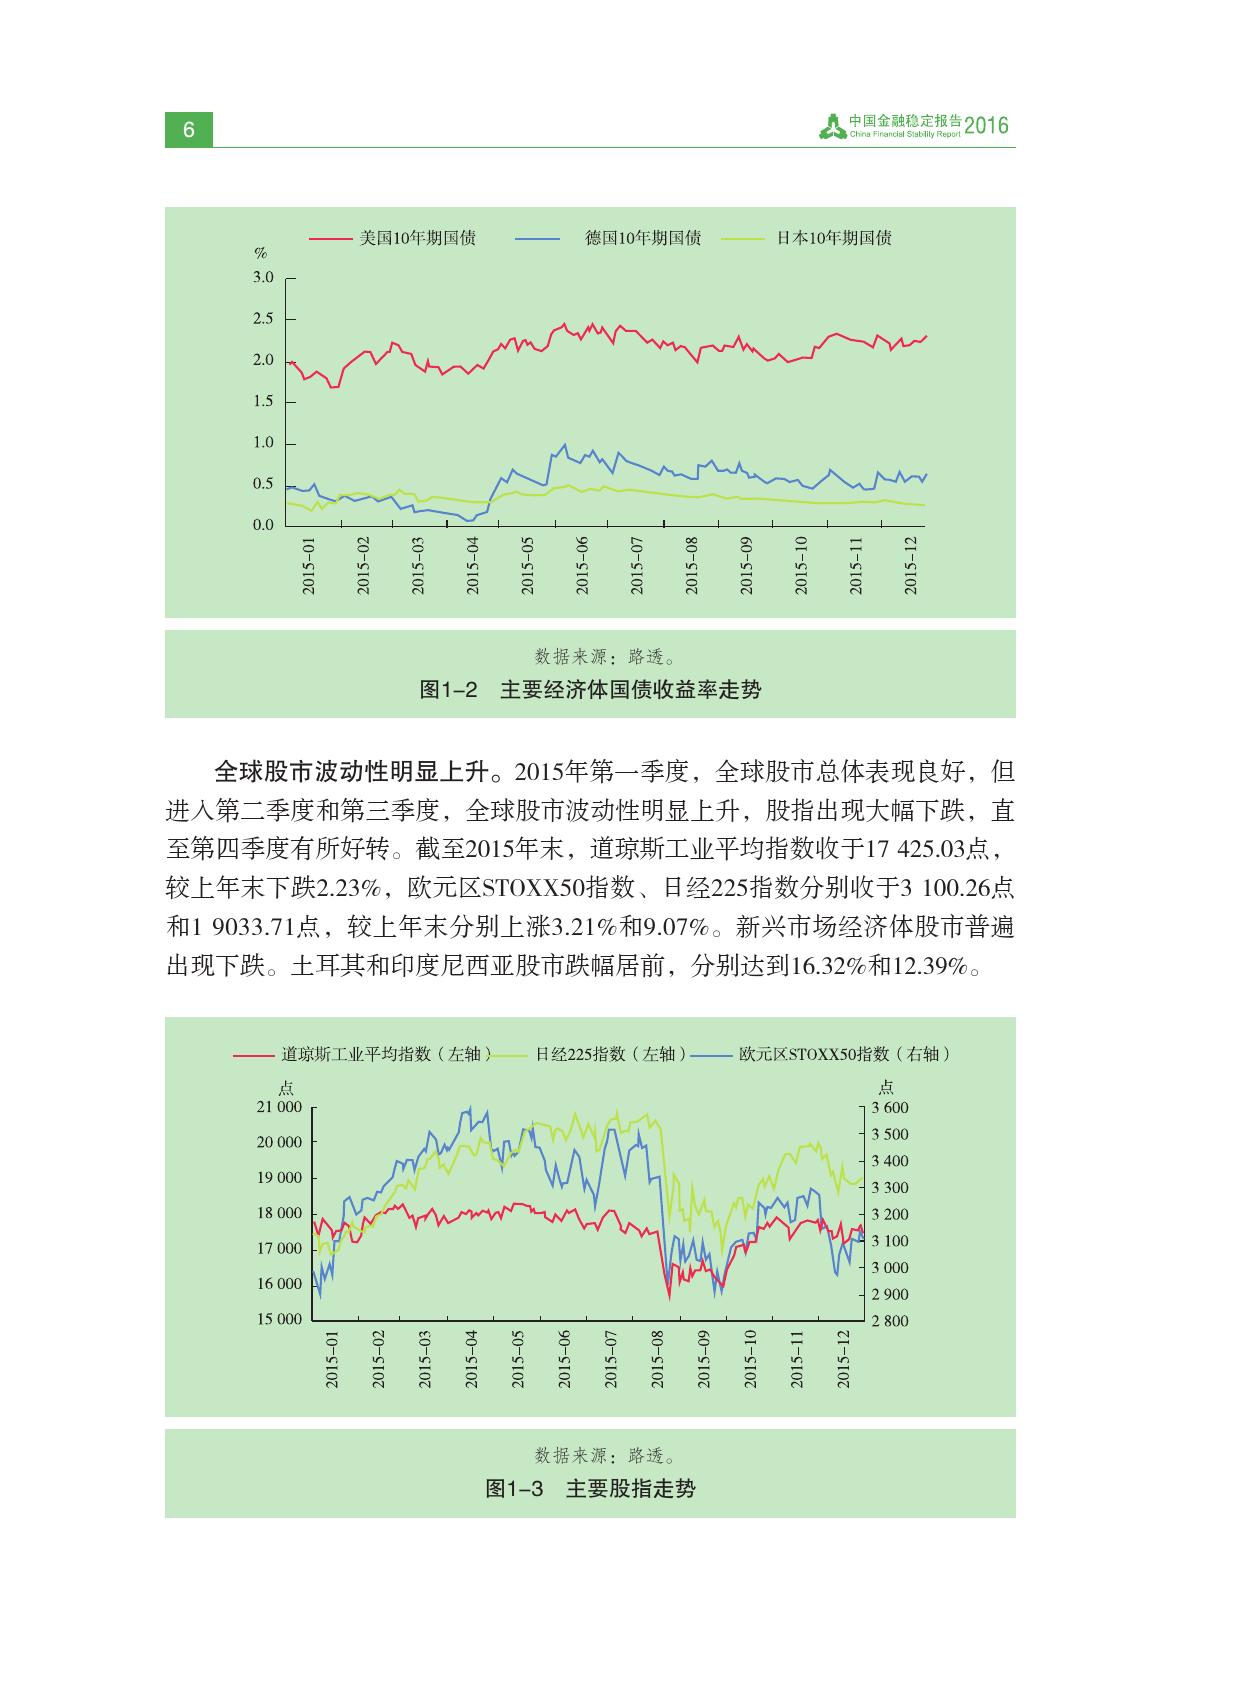 2016年中国金融稳定报告_000016